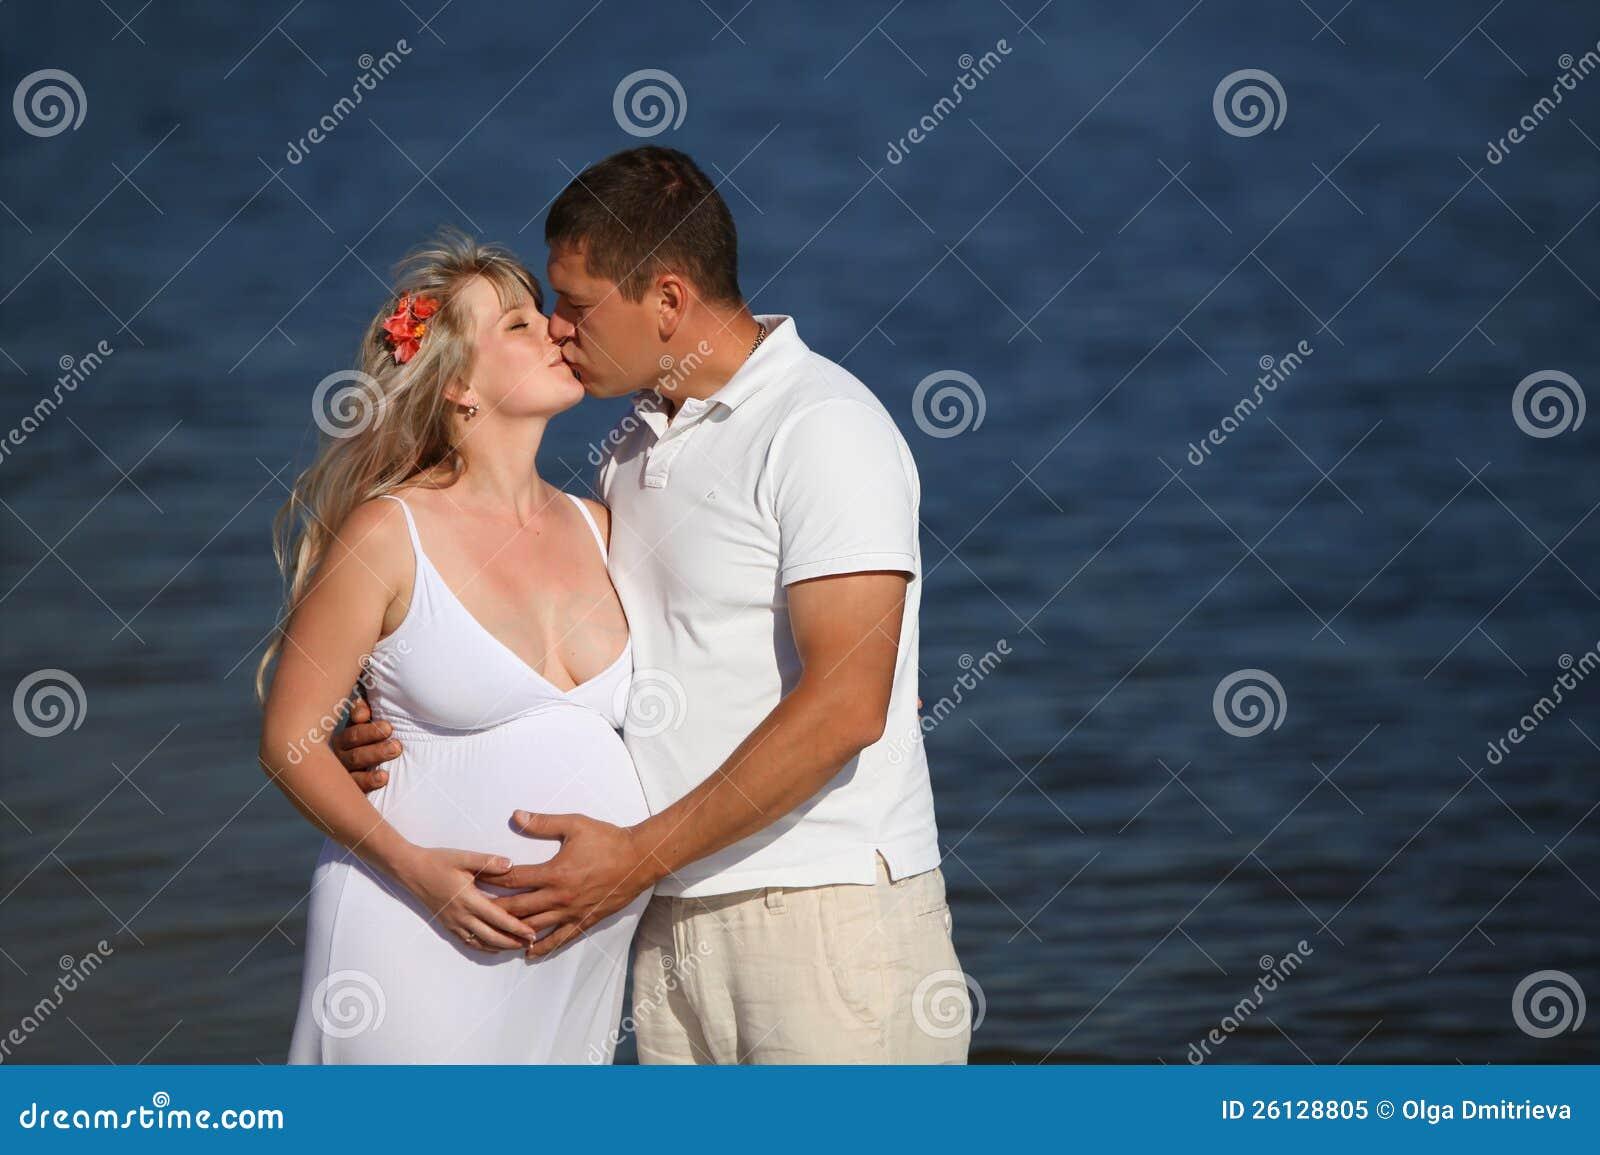 Фото беременной с двумя мужчинами 4 фотография